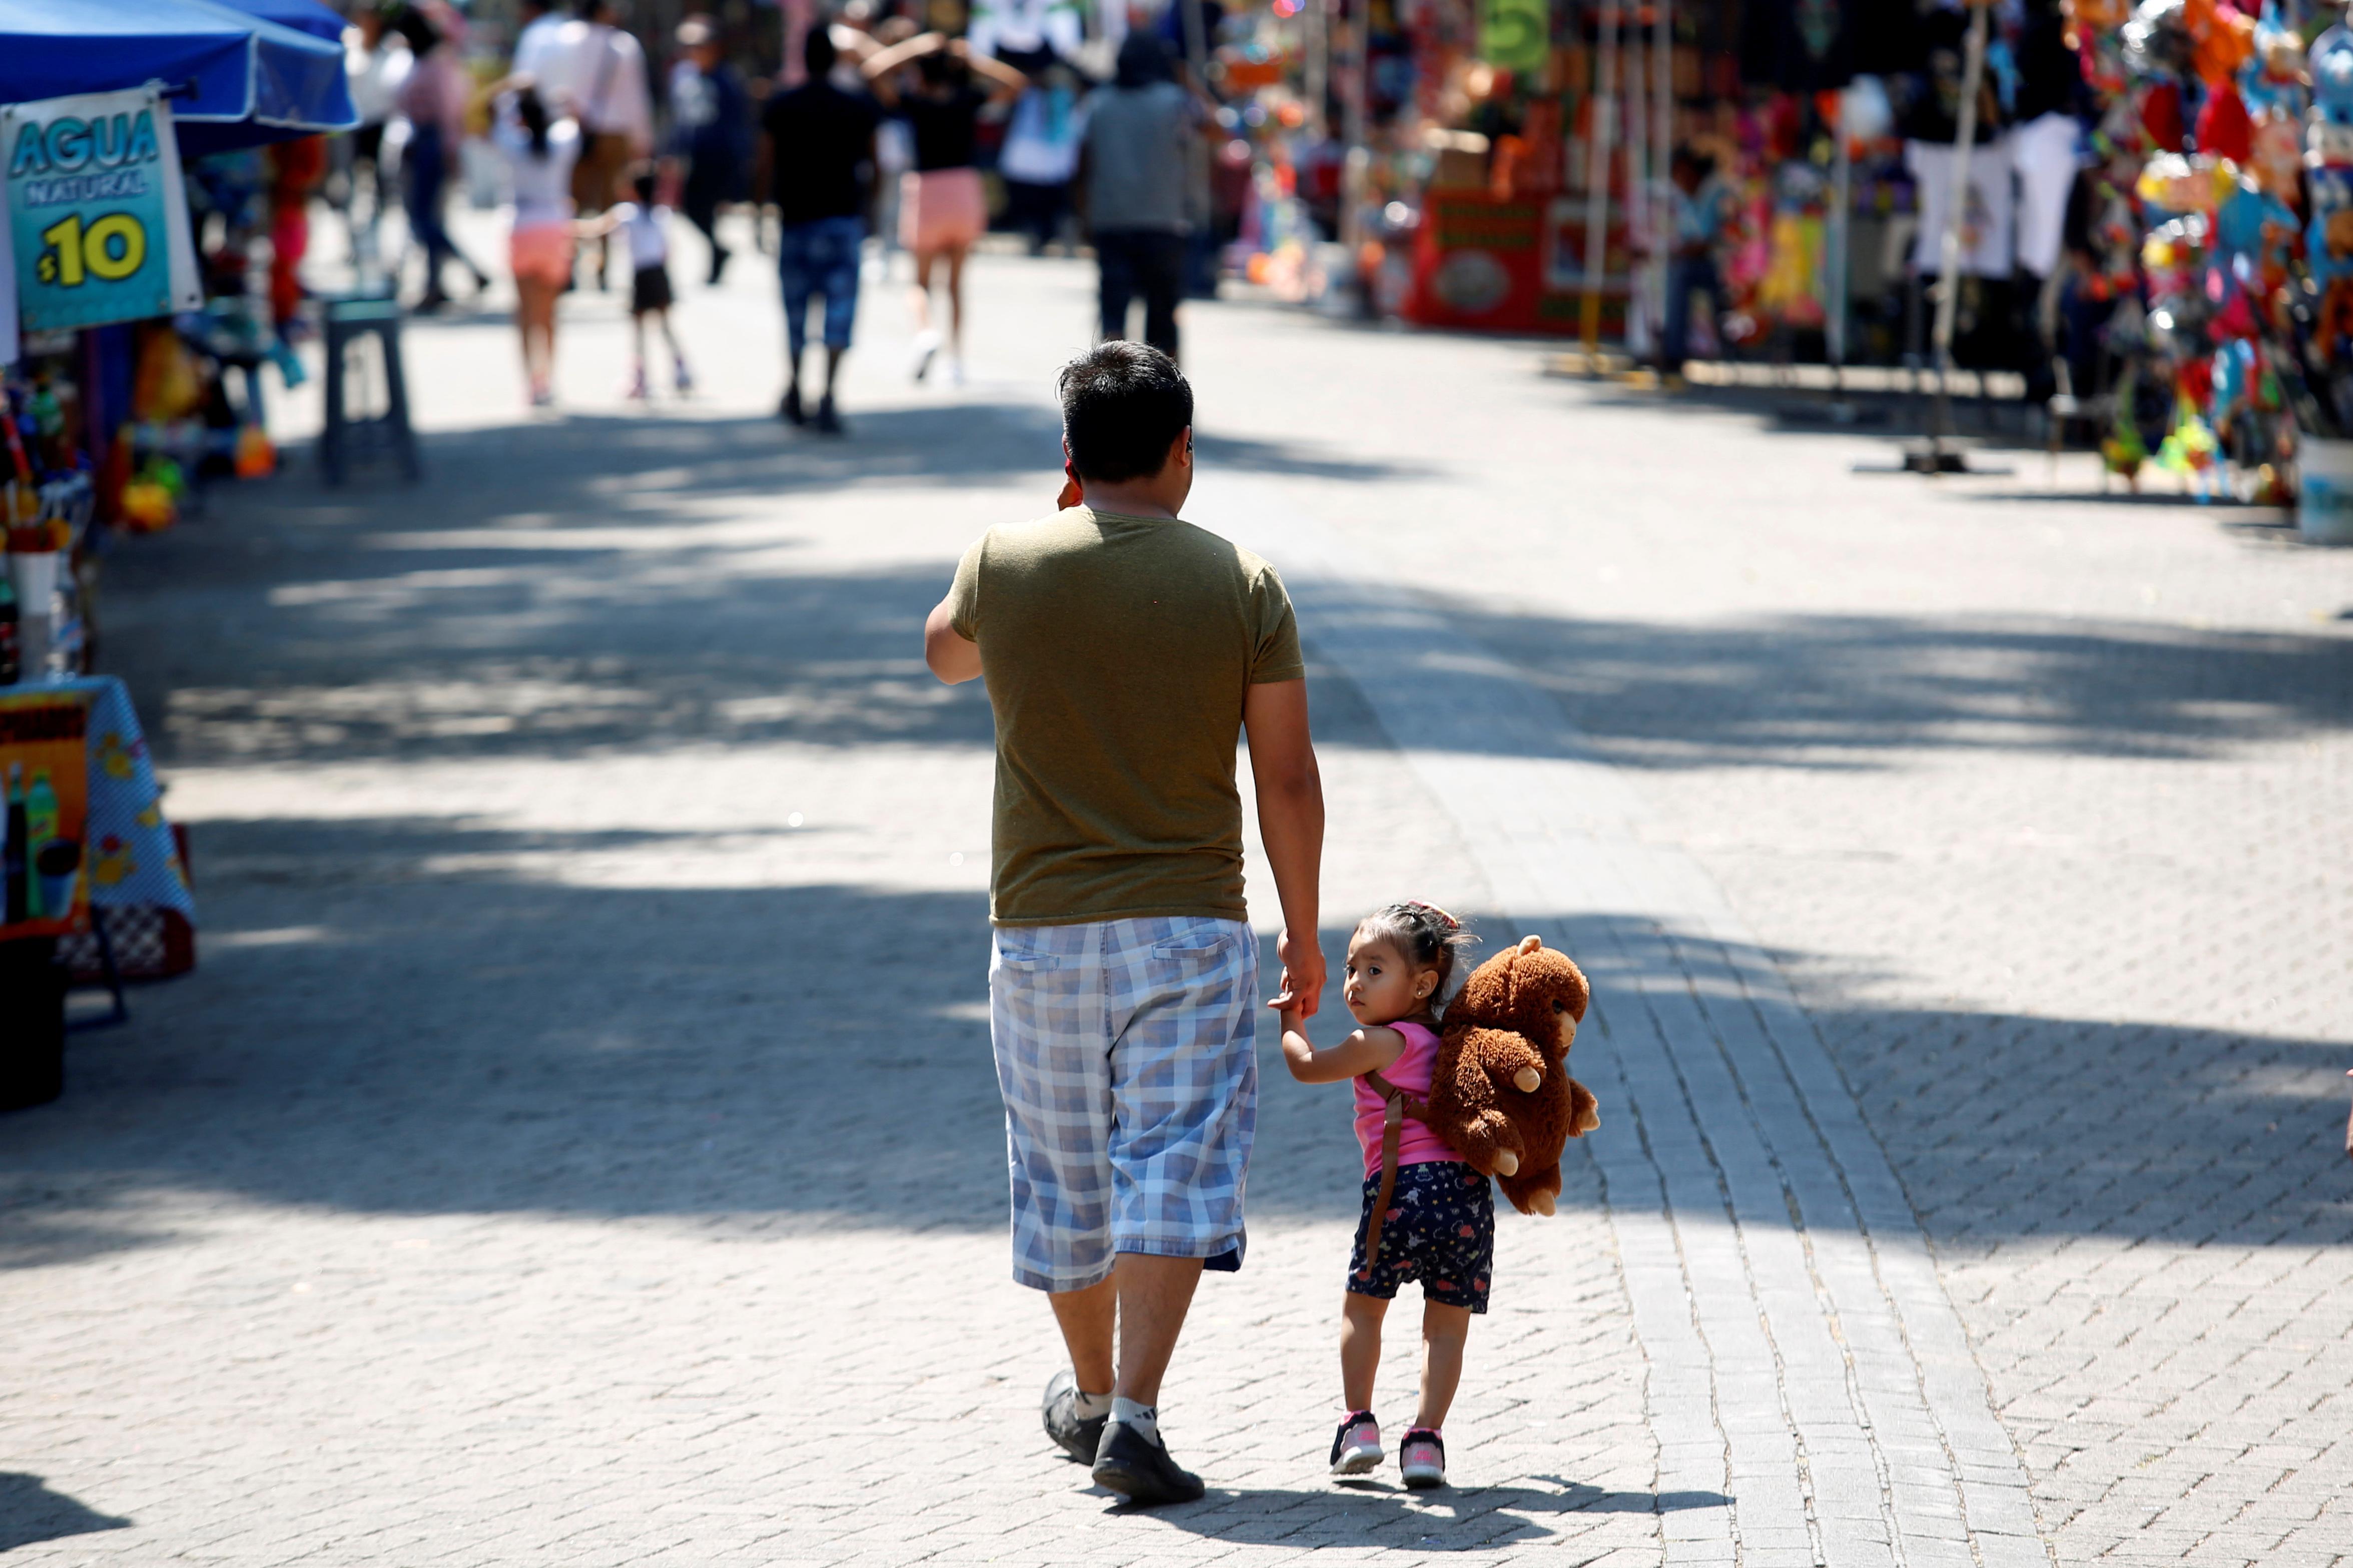 La gente camina por el parque Chapultepec mientras continúa el brote de la enfermedad por coronavirus (COVID-19), en la Ciudad de México, México, 22 de marzo de 2020.